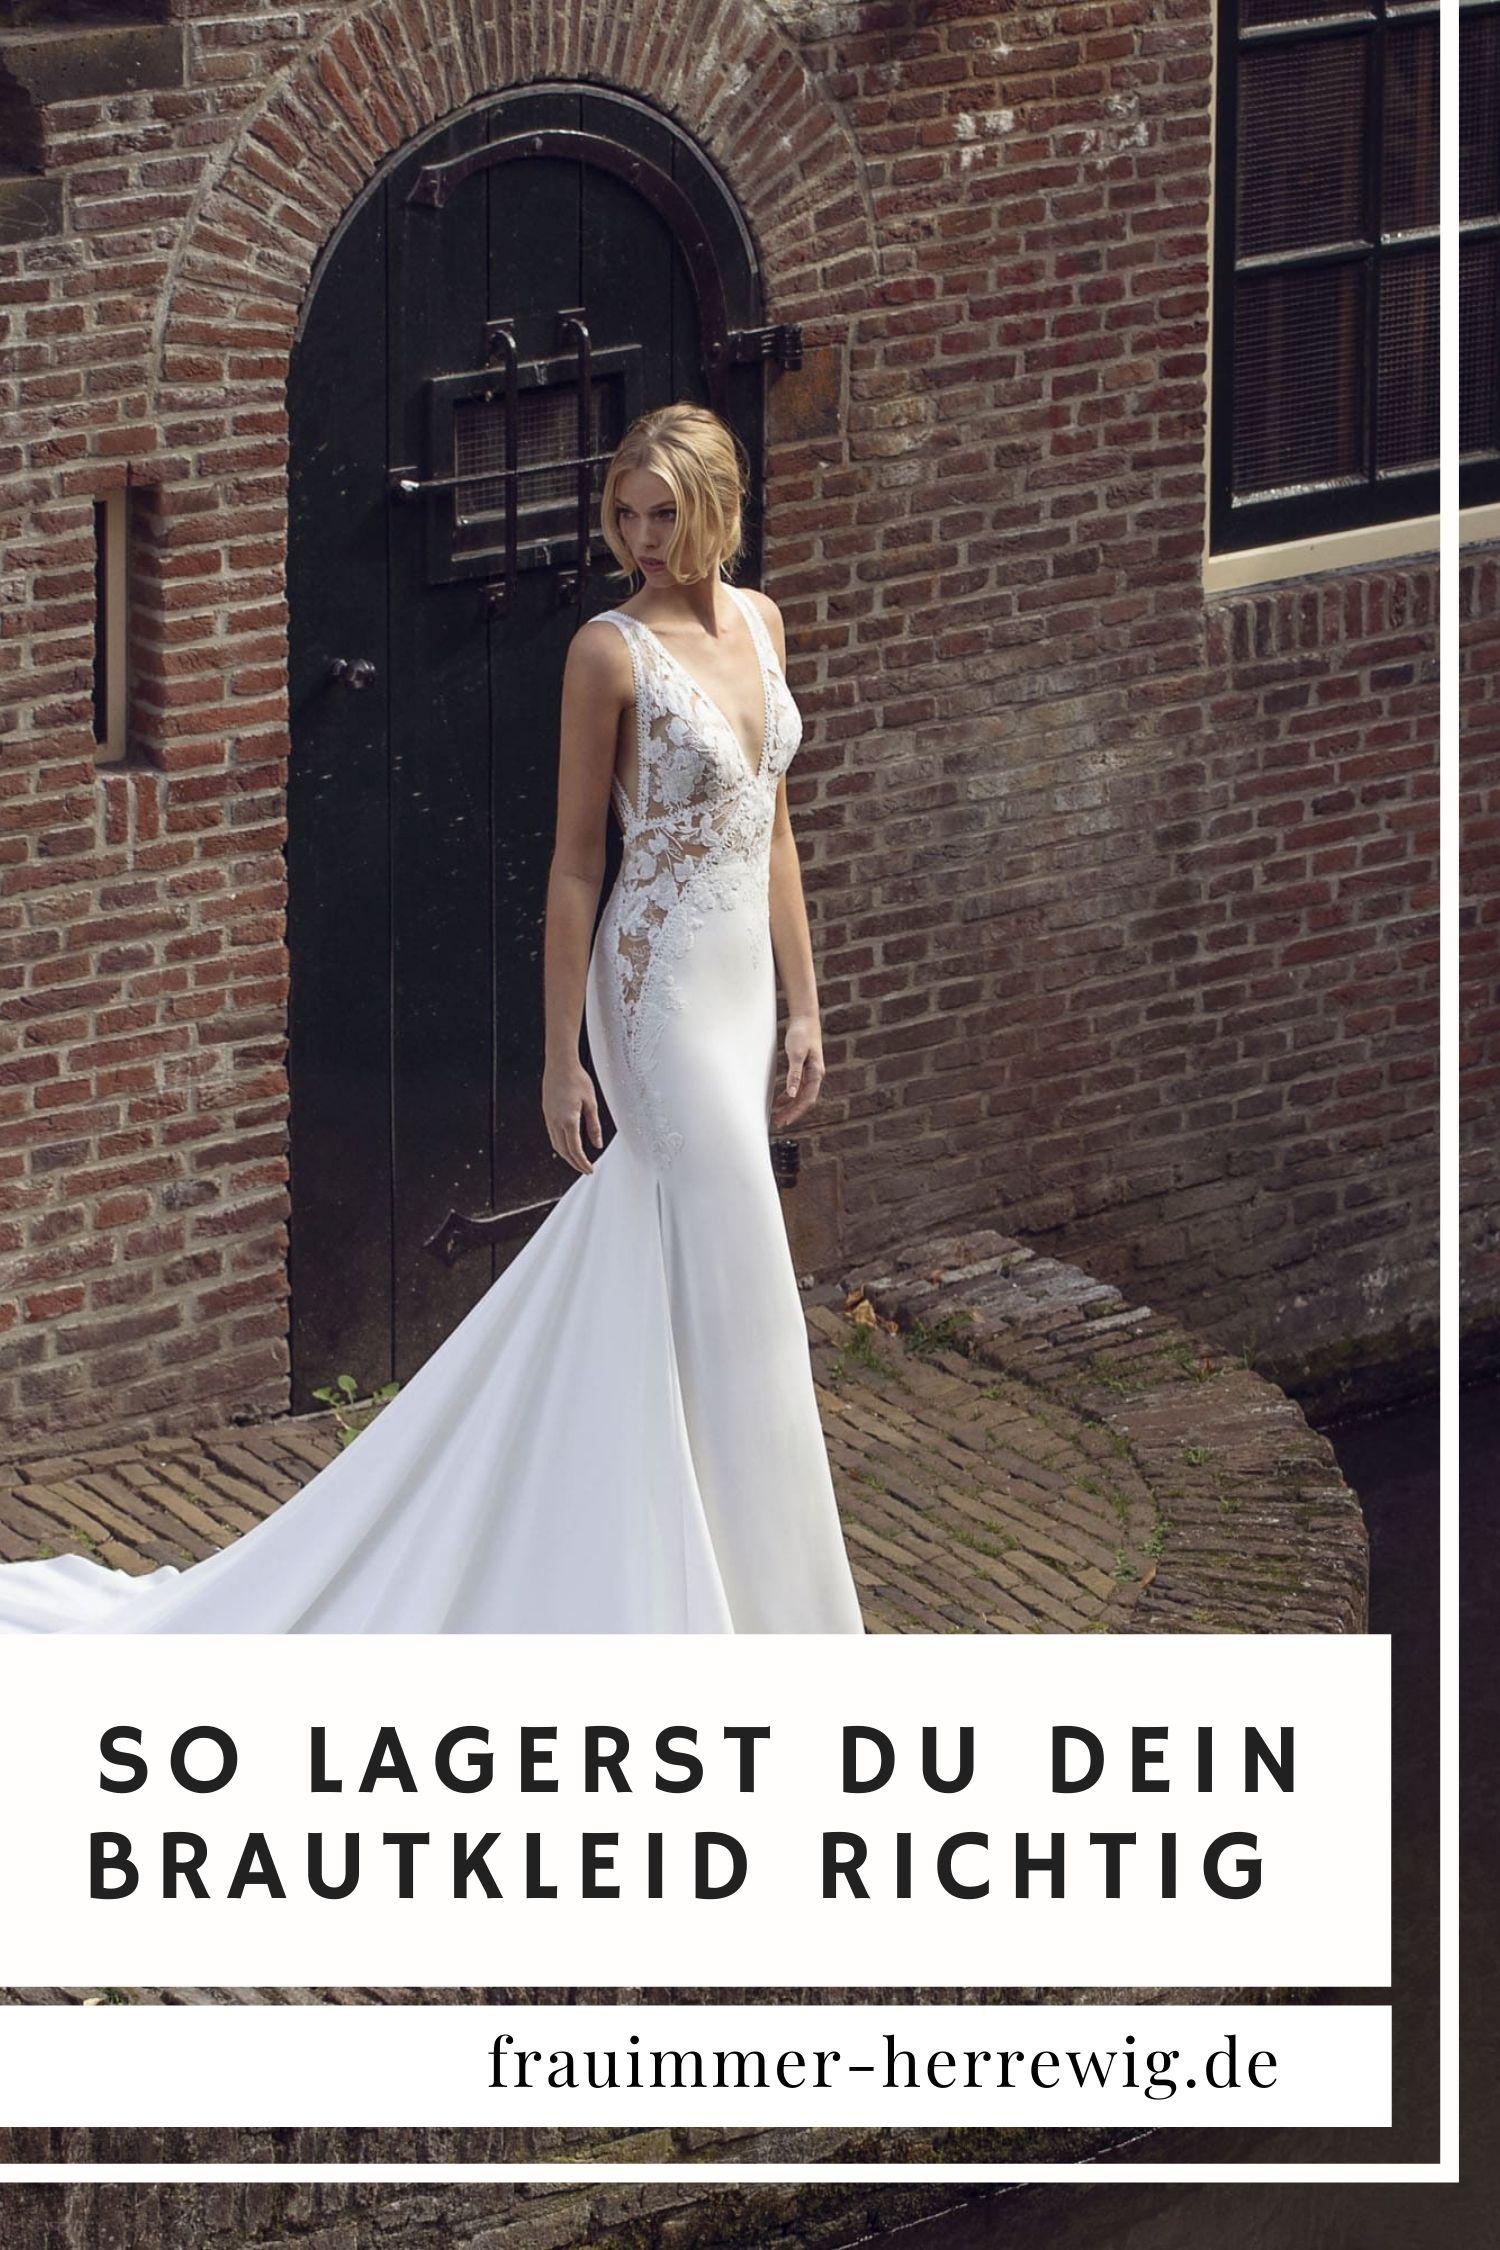 Brautkleid aufbewahrung tipps – gesehen bei frauimmer-herrewig.de